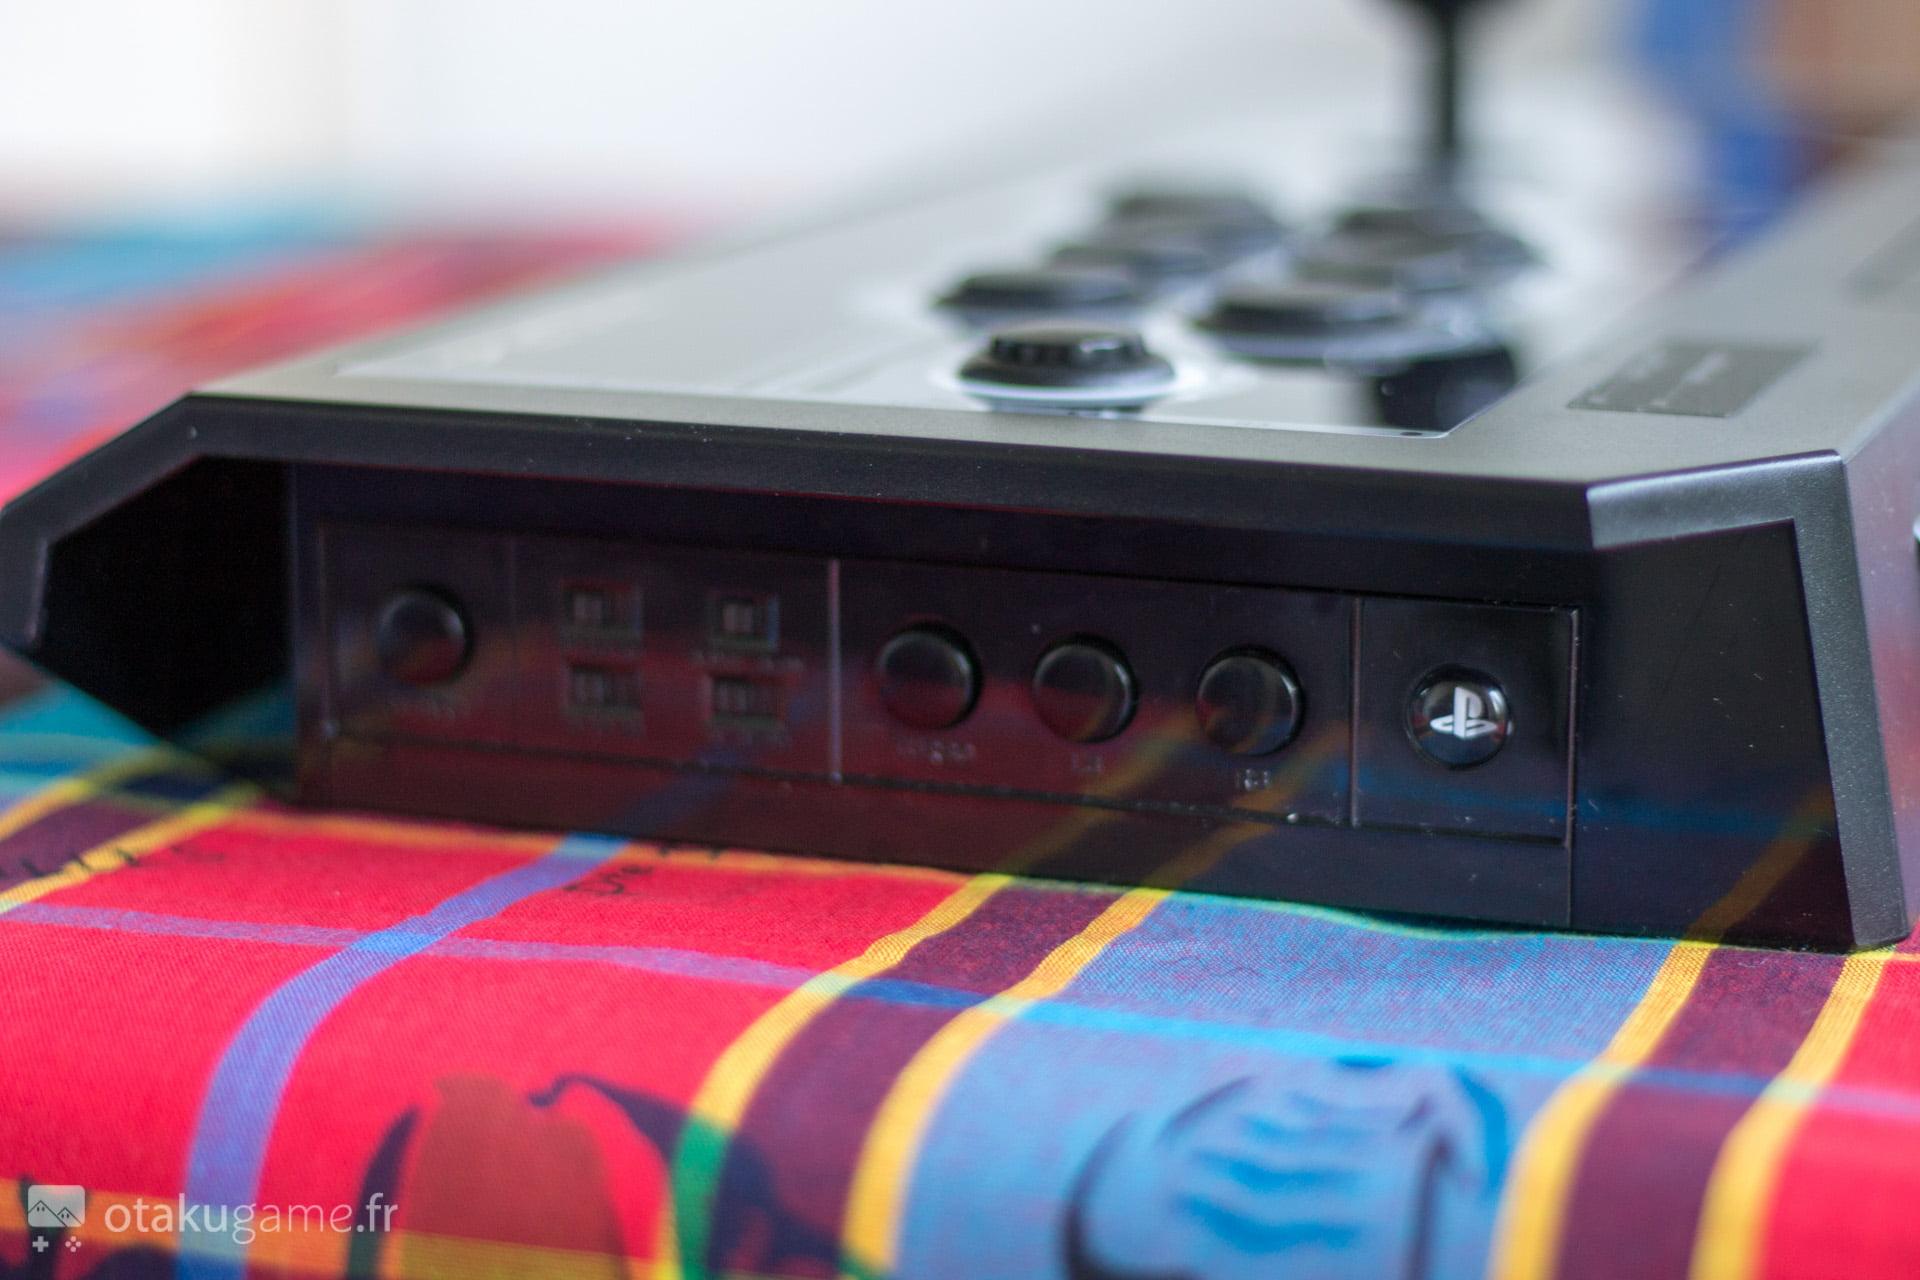 Les fameux switchs dont celui permettant de passer du mode PS4 au mode PC !